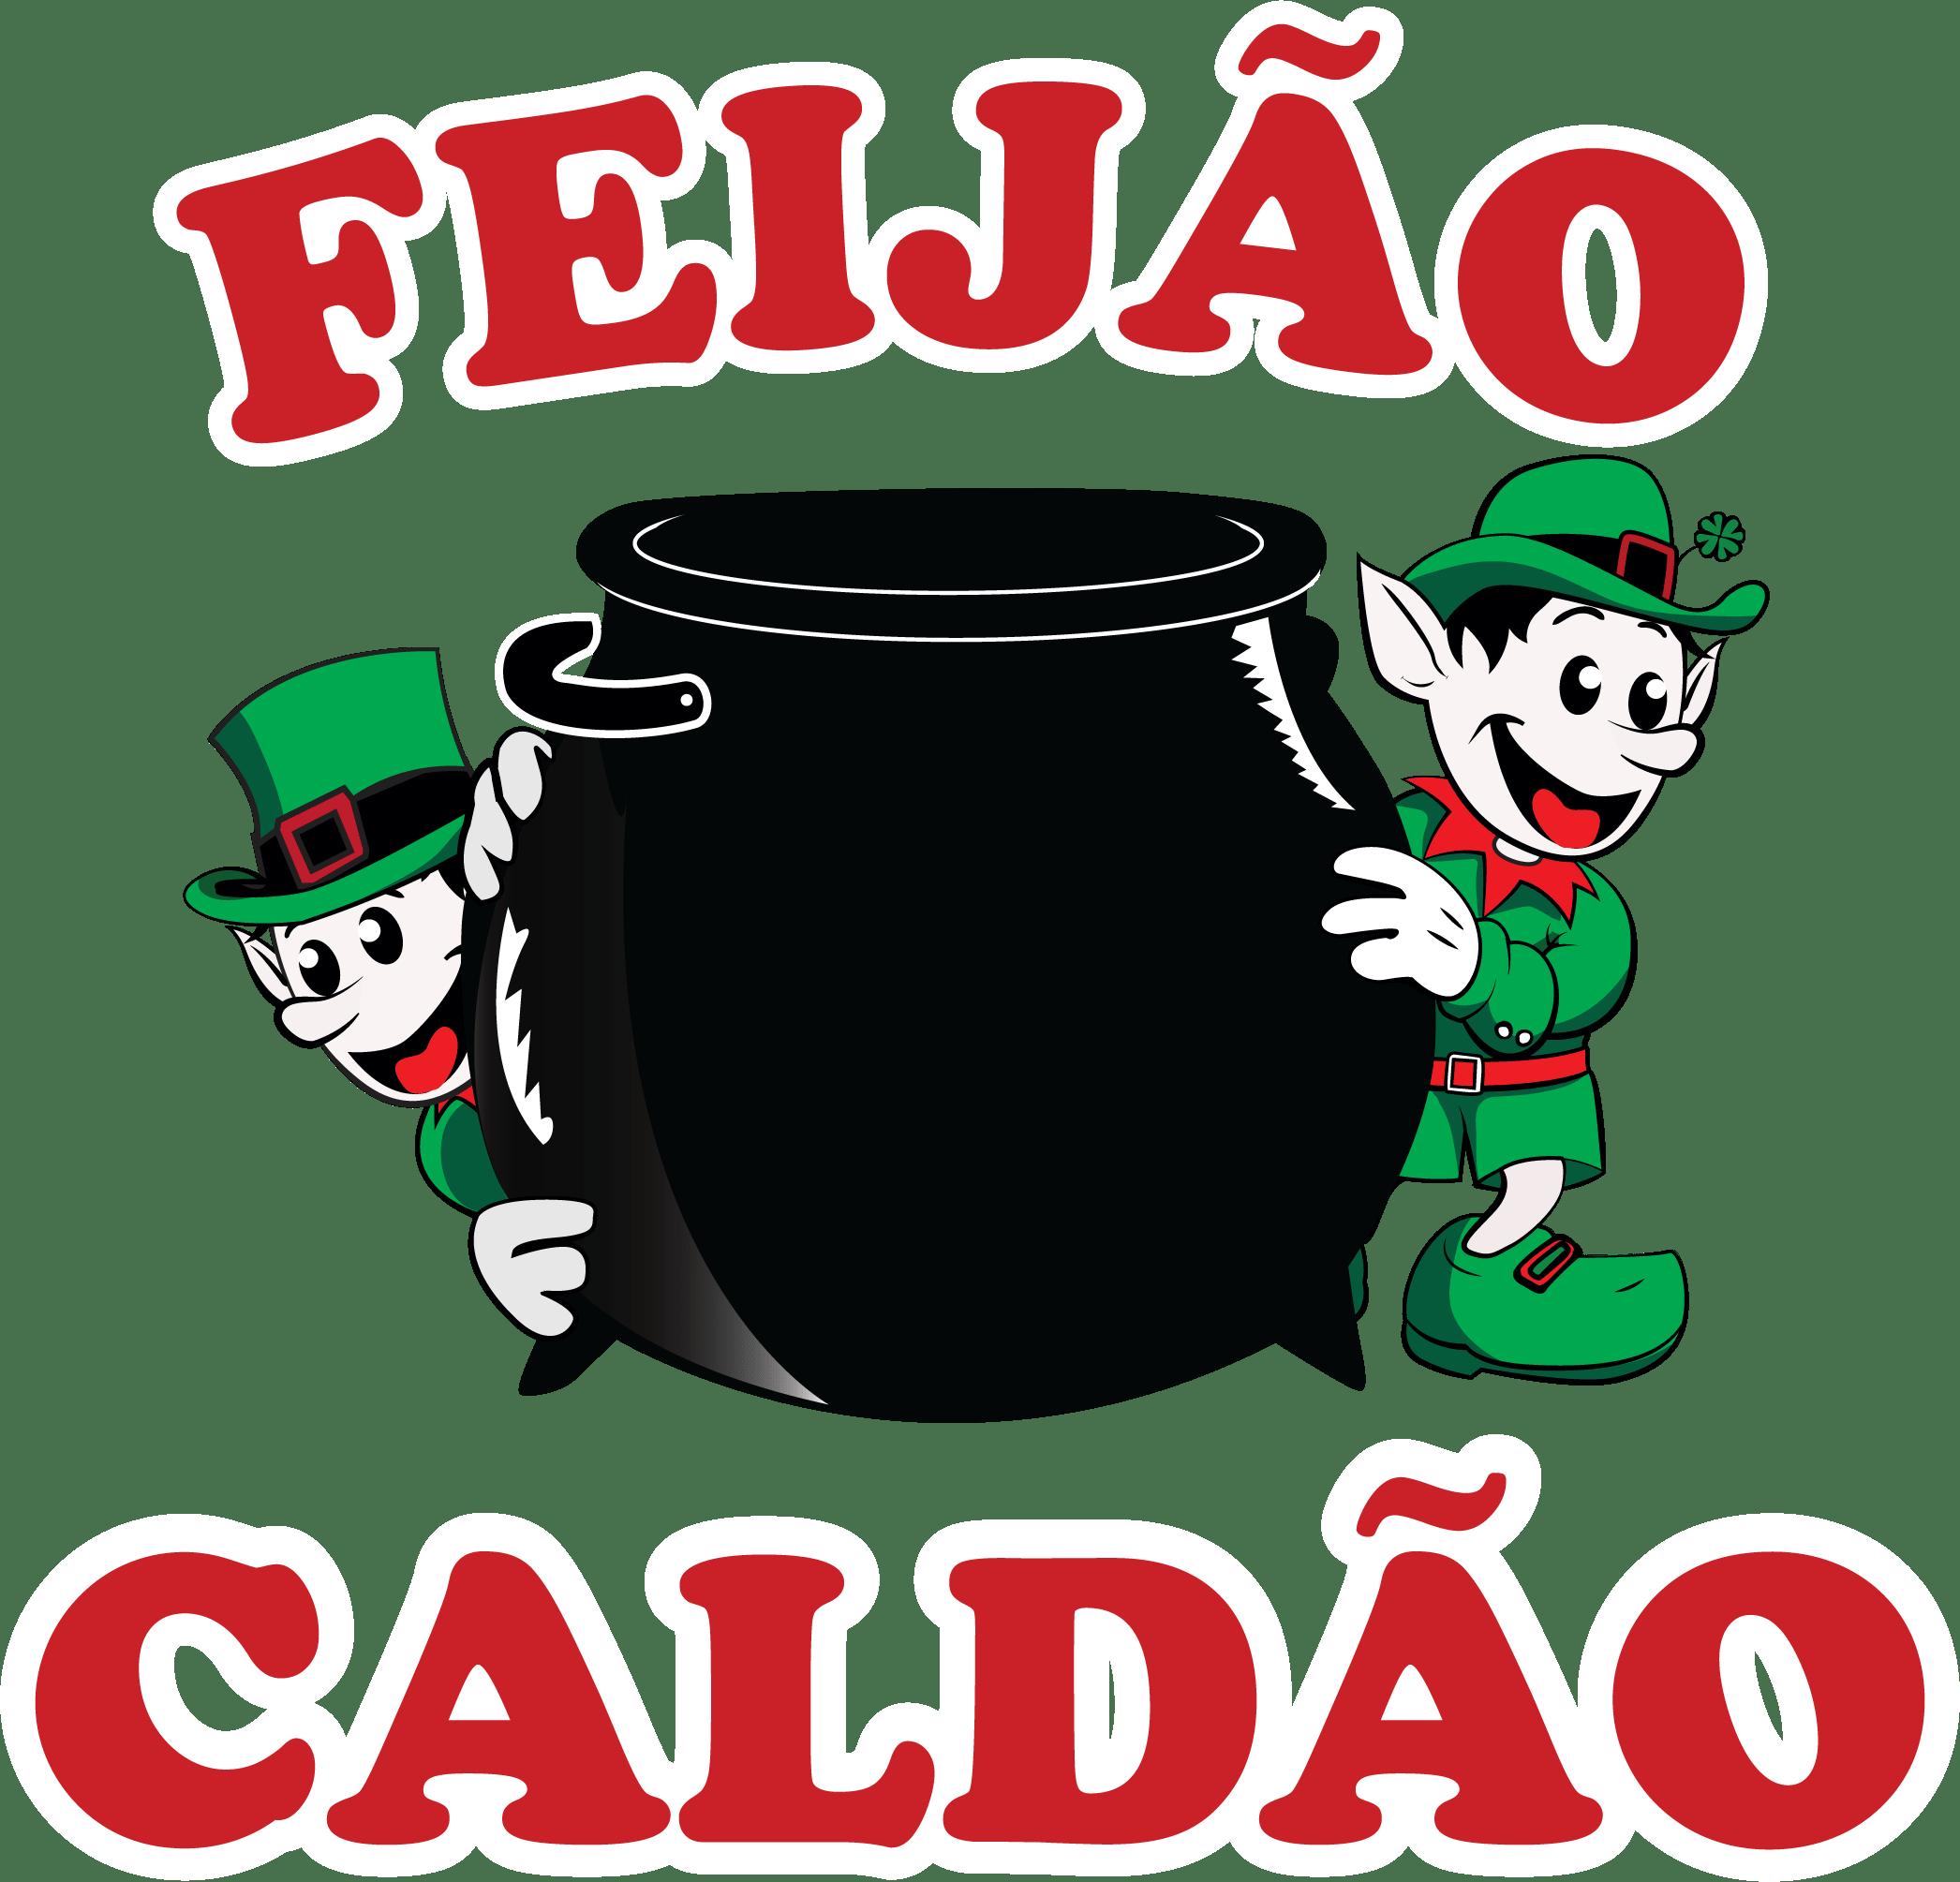 Logo Feijão Caldão